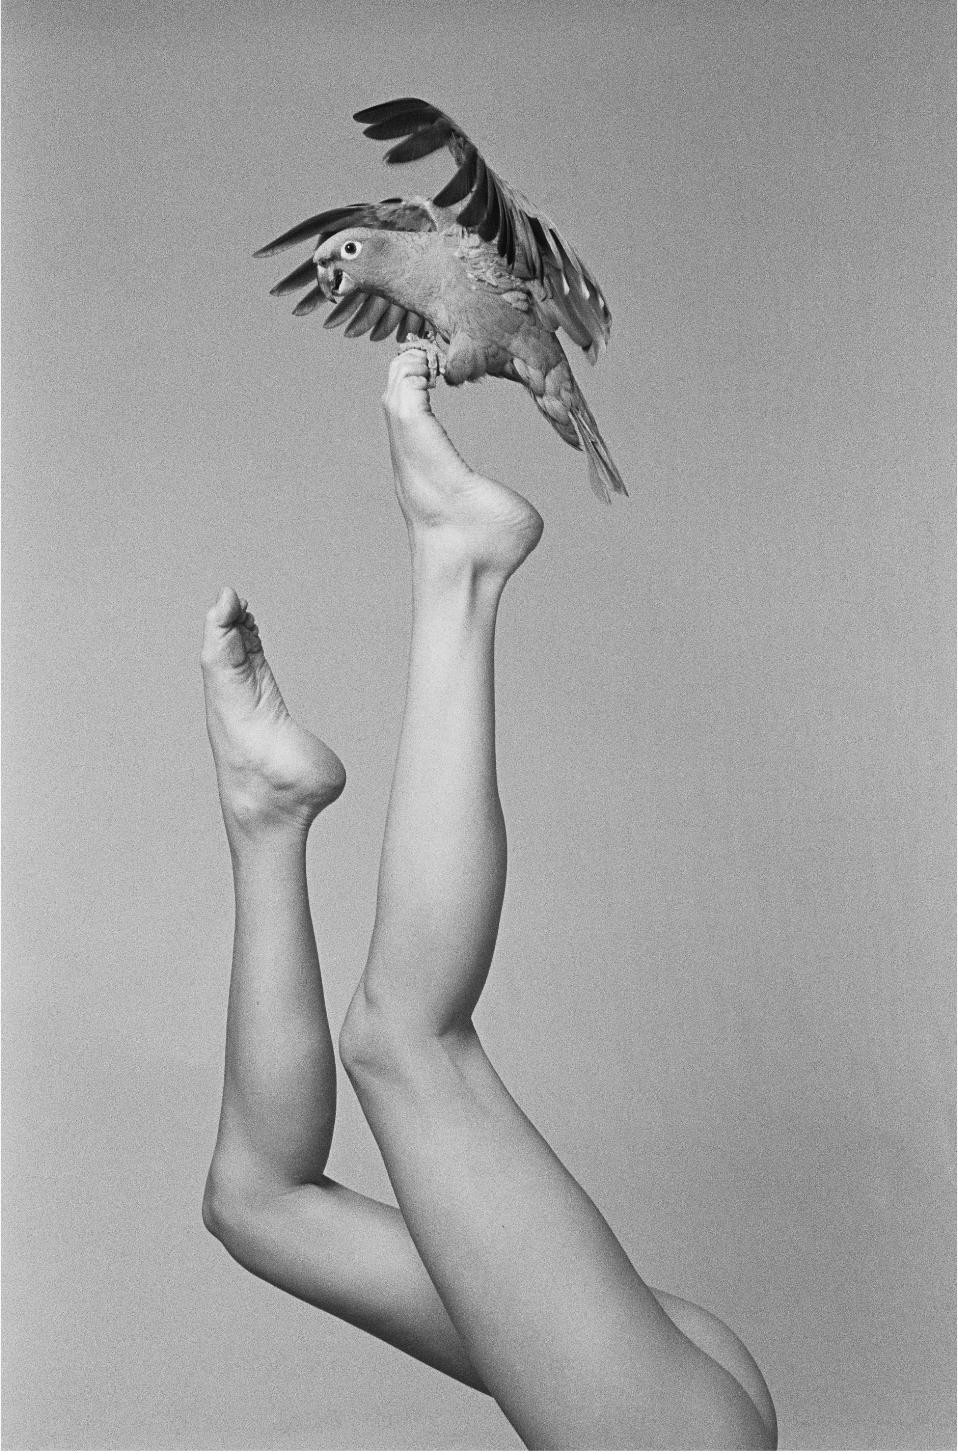 Photo: Christophe von Hohenberg's Wookie Legs